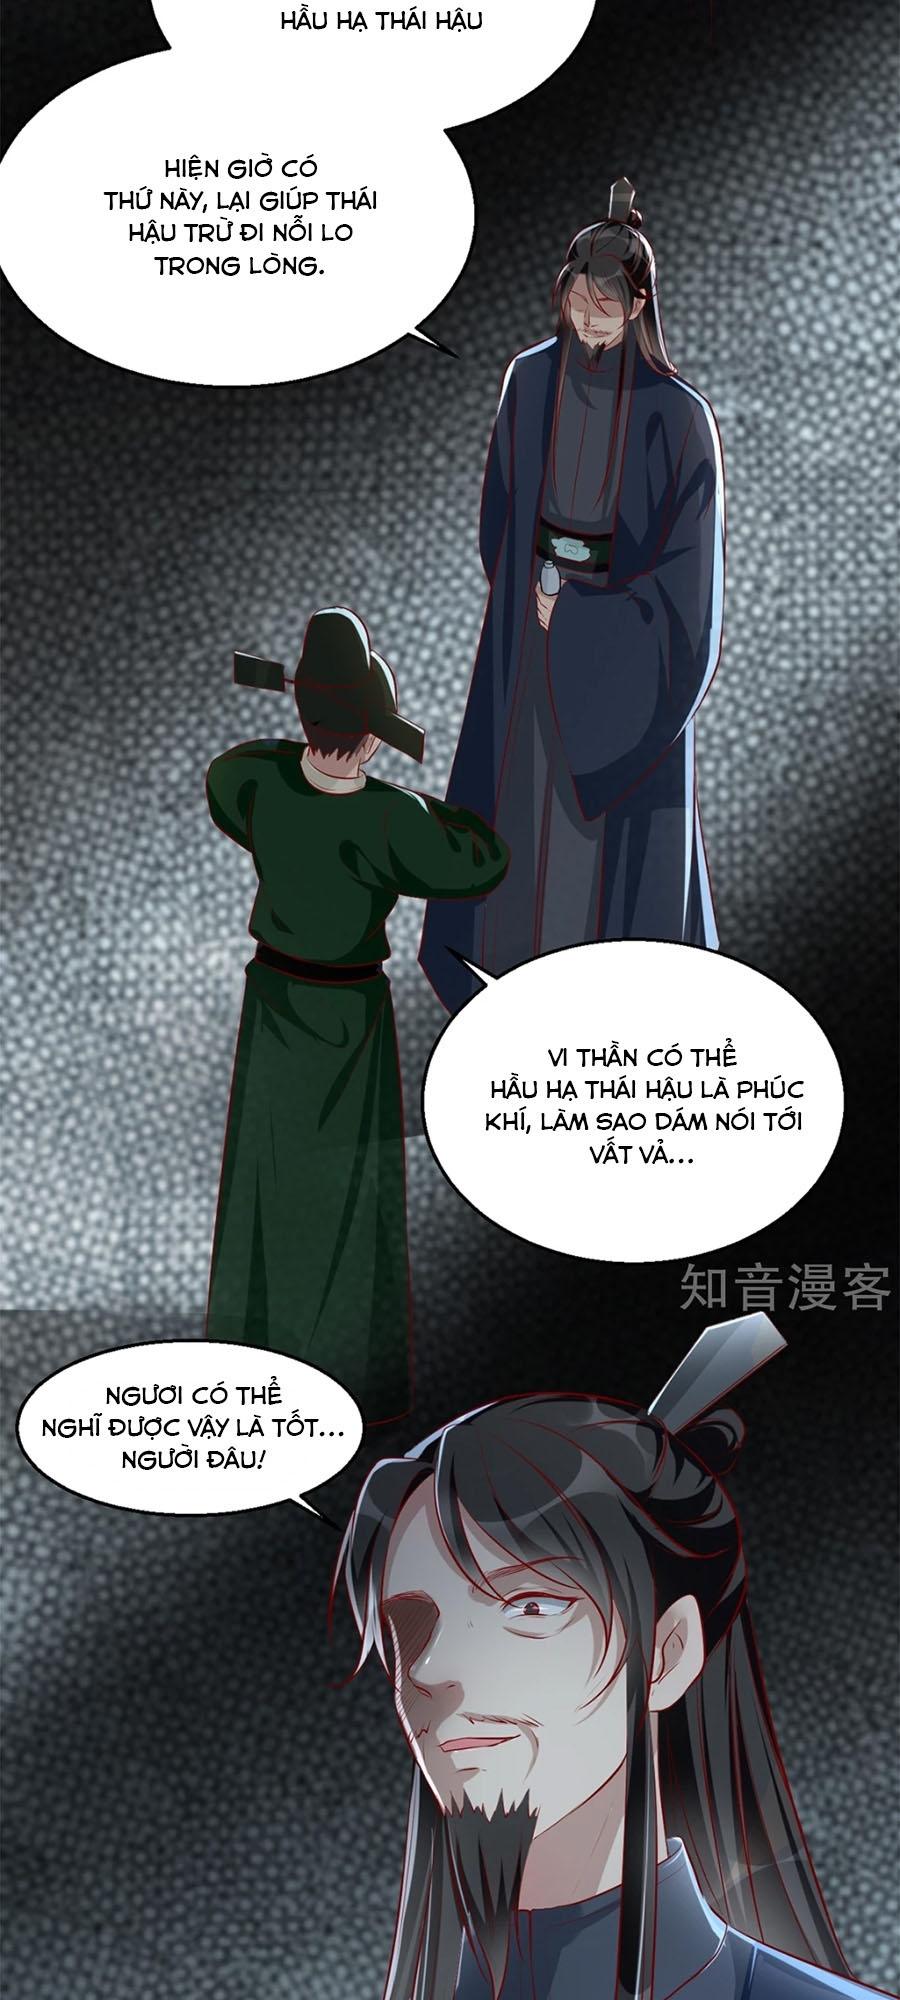 Gian Phi Như Thử Đa Kiều chap 34 - Trang 29